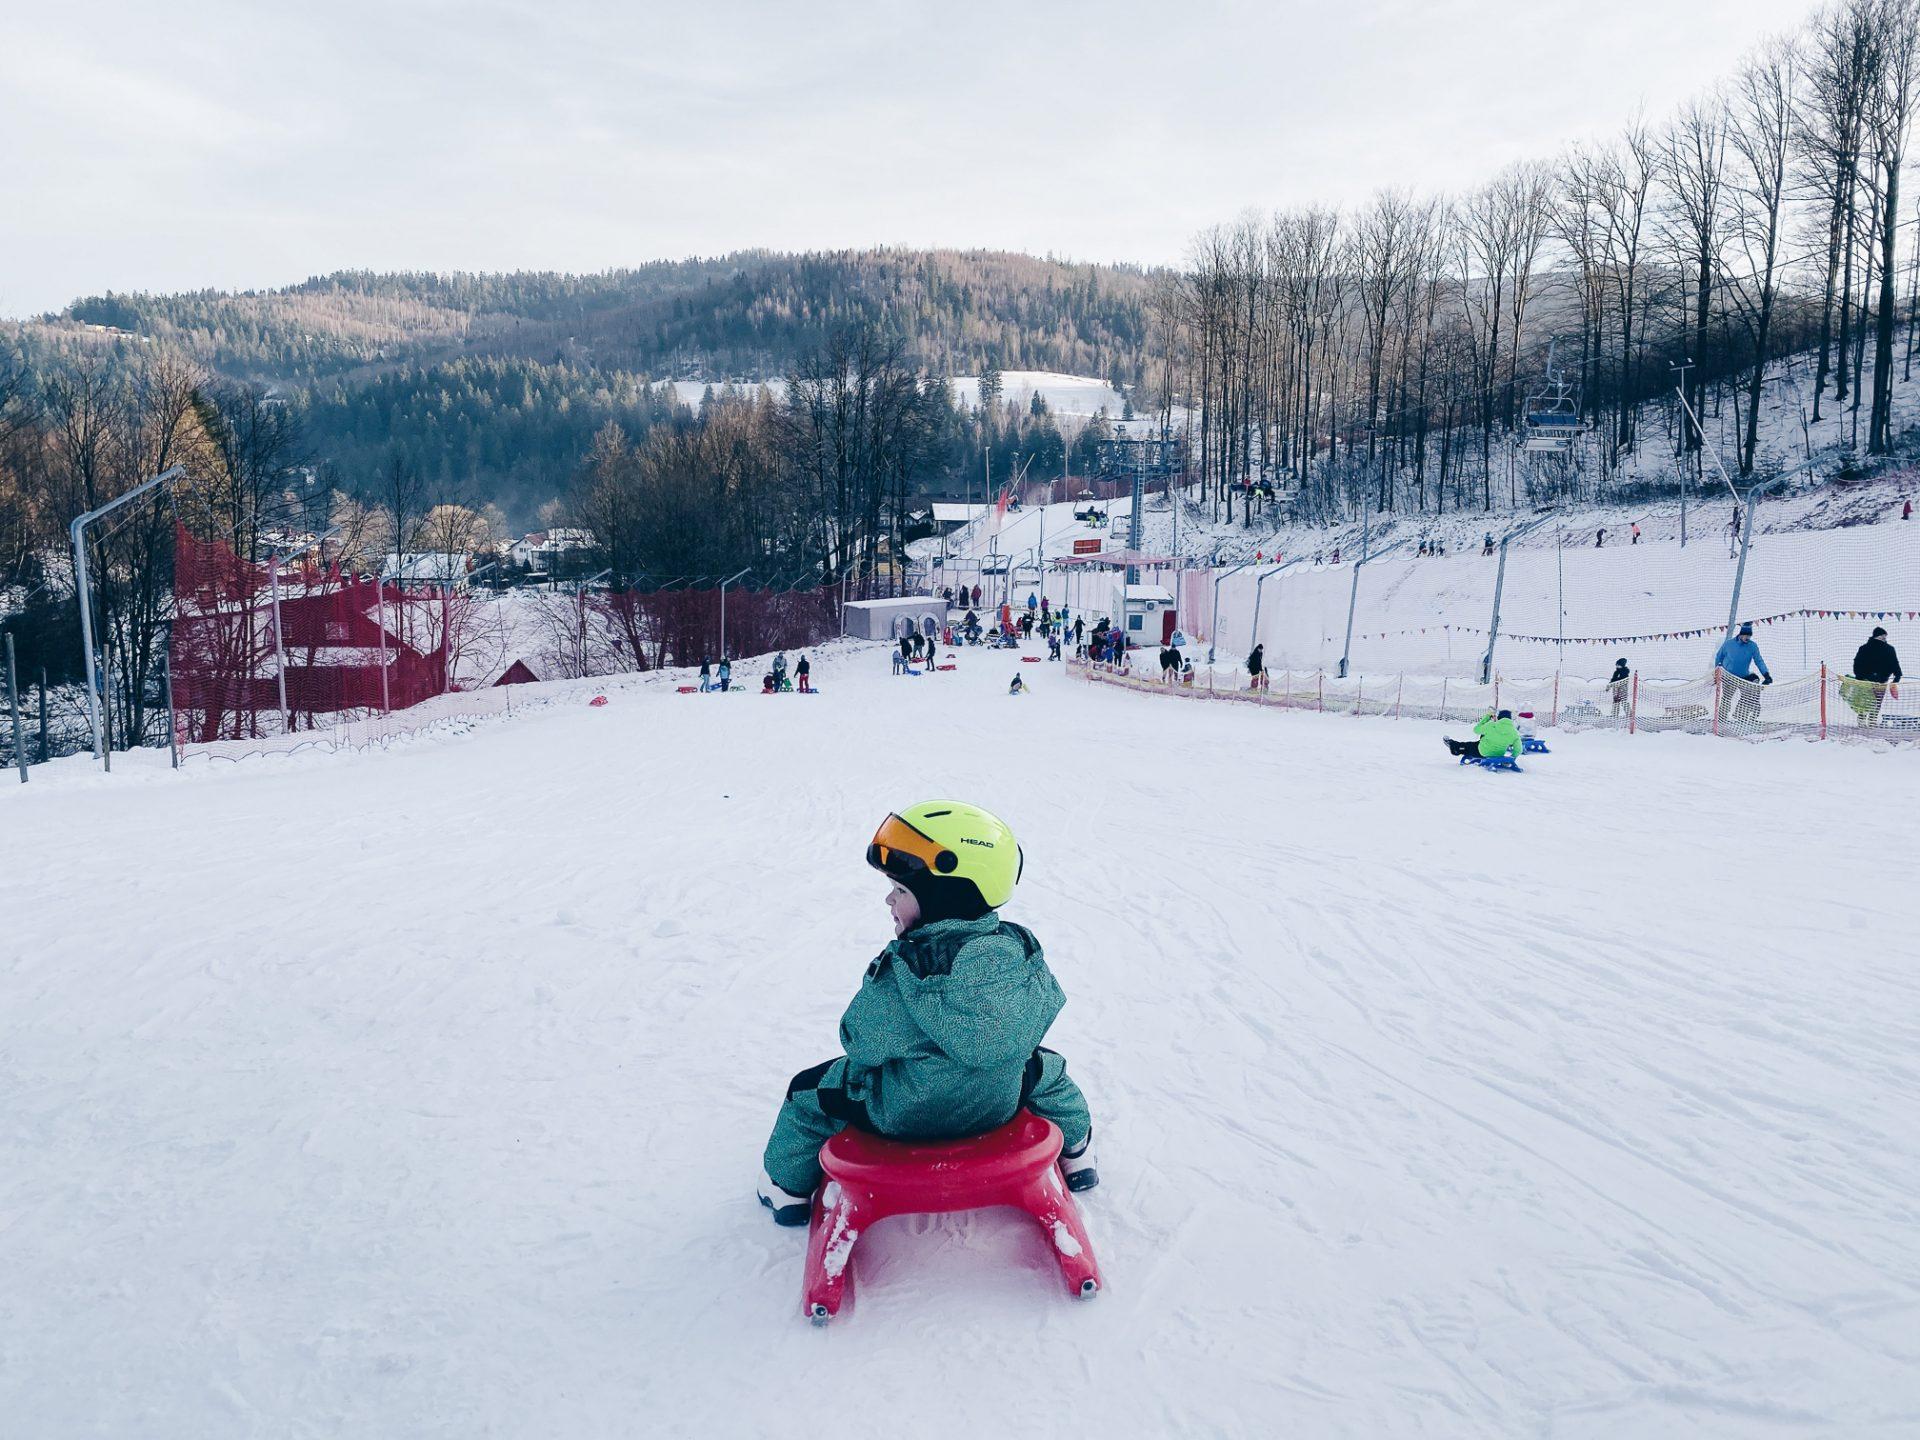 Zimowy wyjazd z dziećmi – nasza relacja